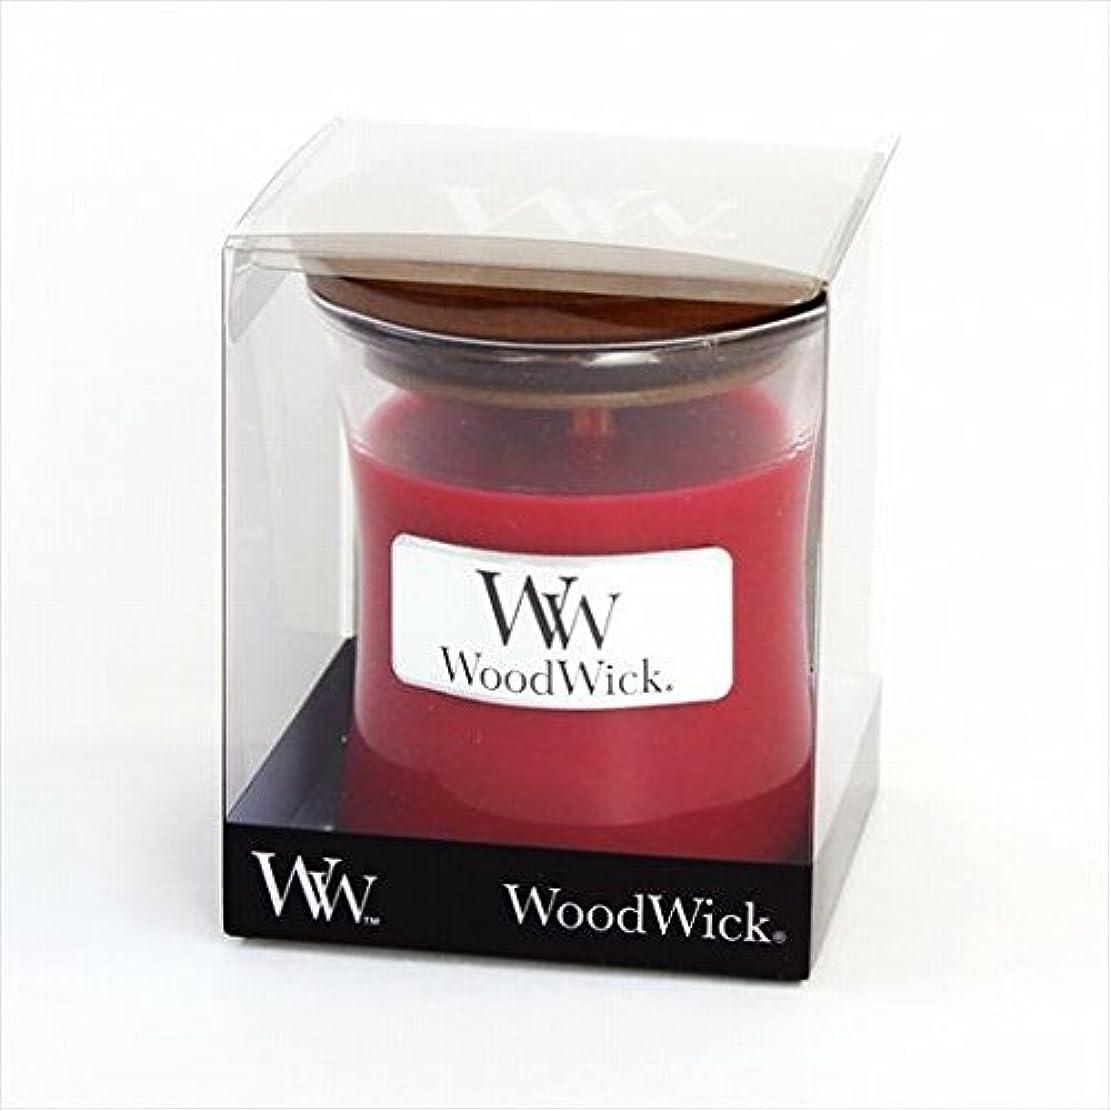 提出する建てるダメージカメヤマキャンドル( kameyama candle ) Wood Wick ジャーS 「 カラント 」